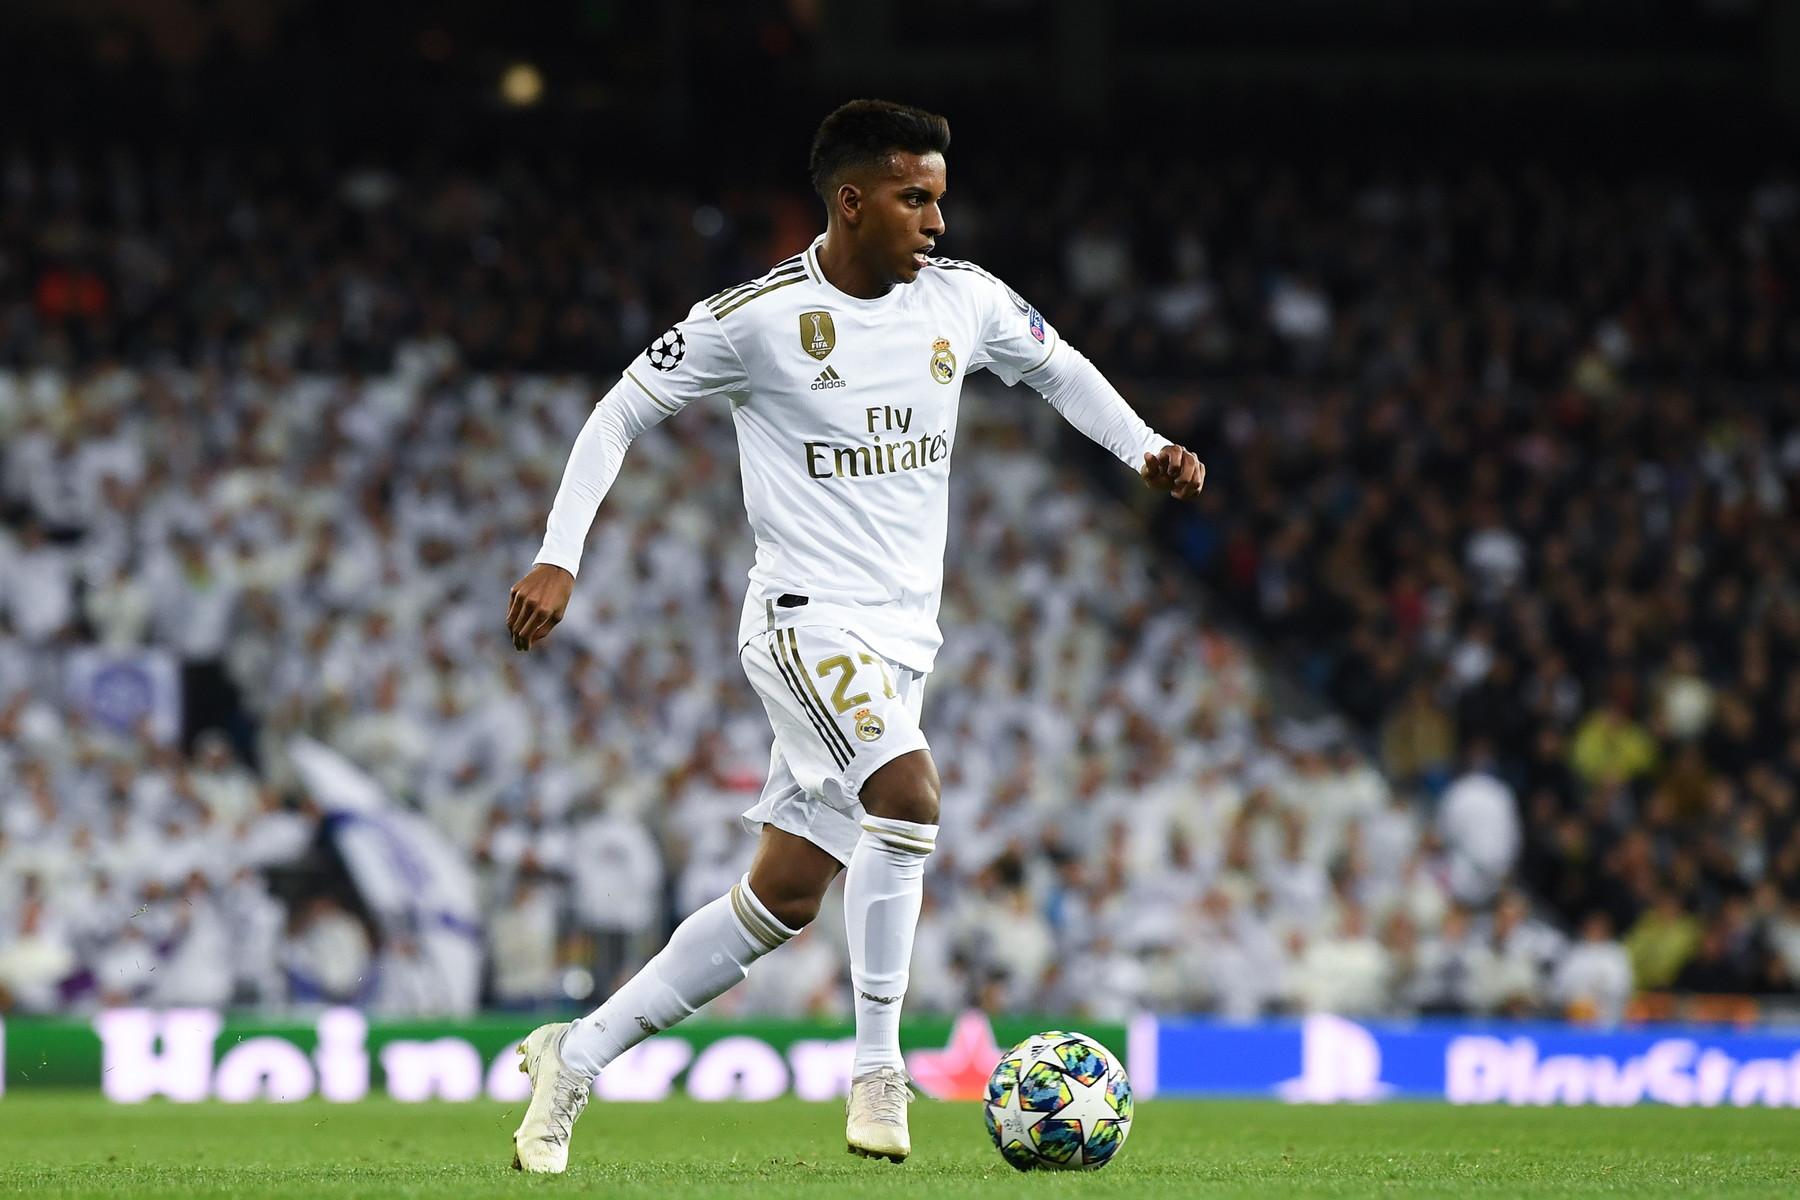 Vinicius Junior (Real Madrid): 84,5 milioni